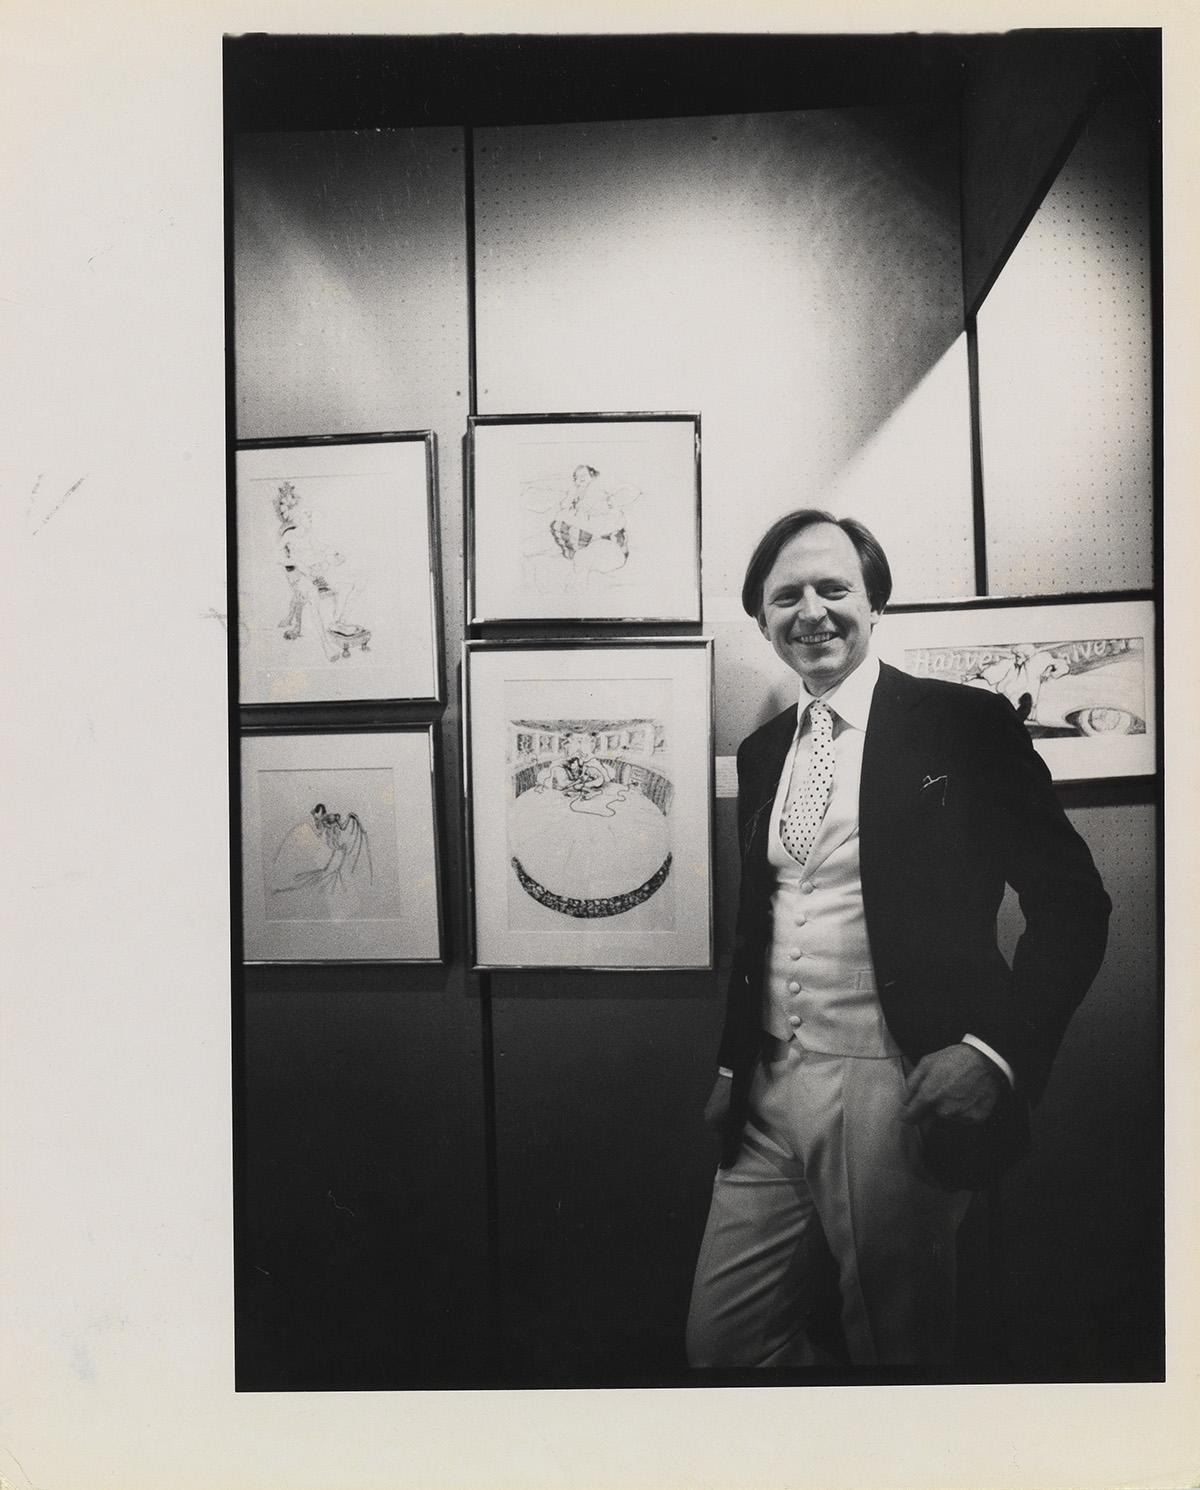 KEN-REGAN-(1940-2012)-Contemporary-binder-containing-19-phot